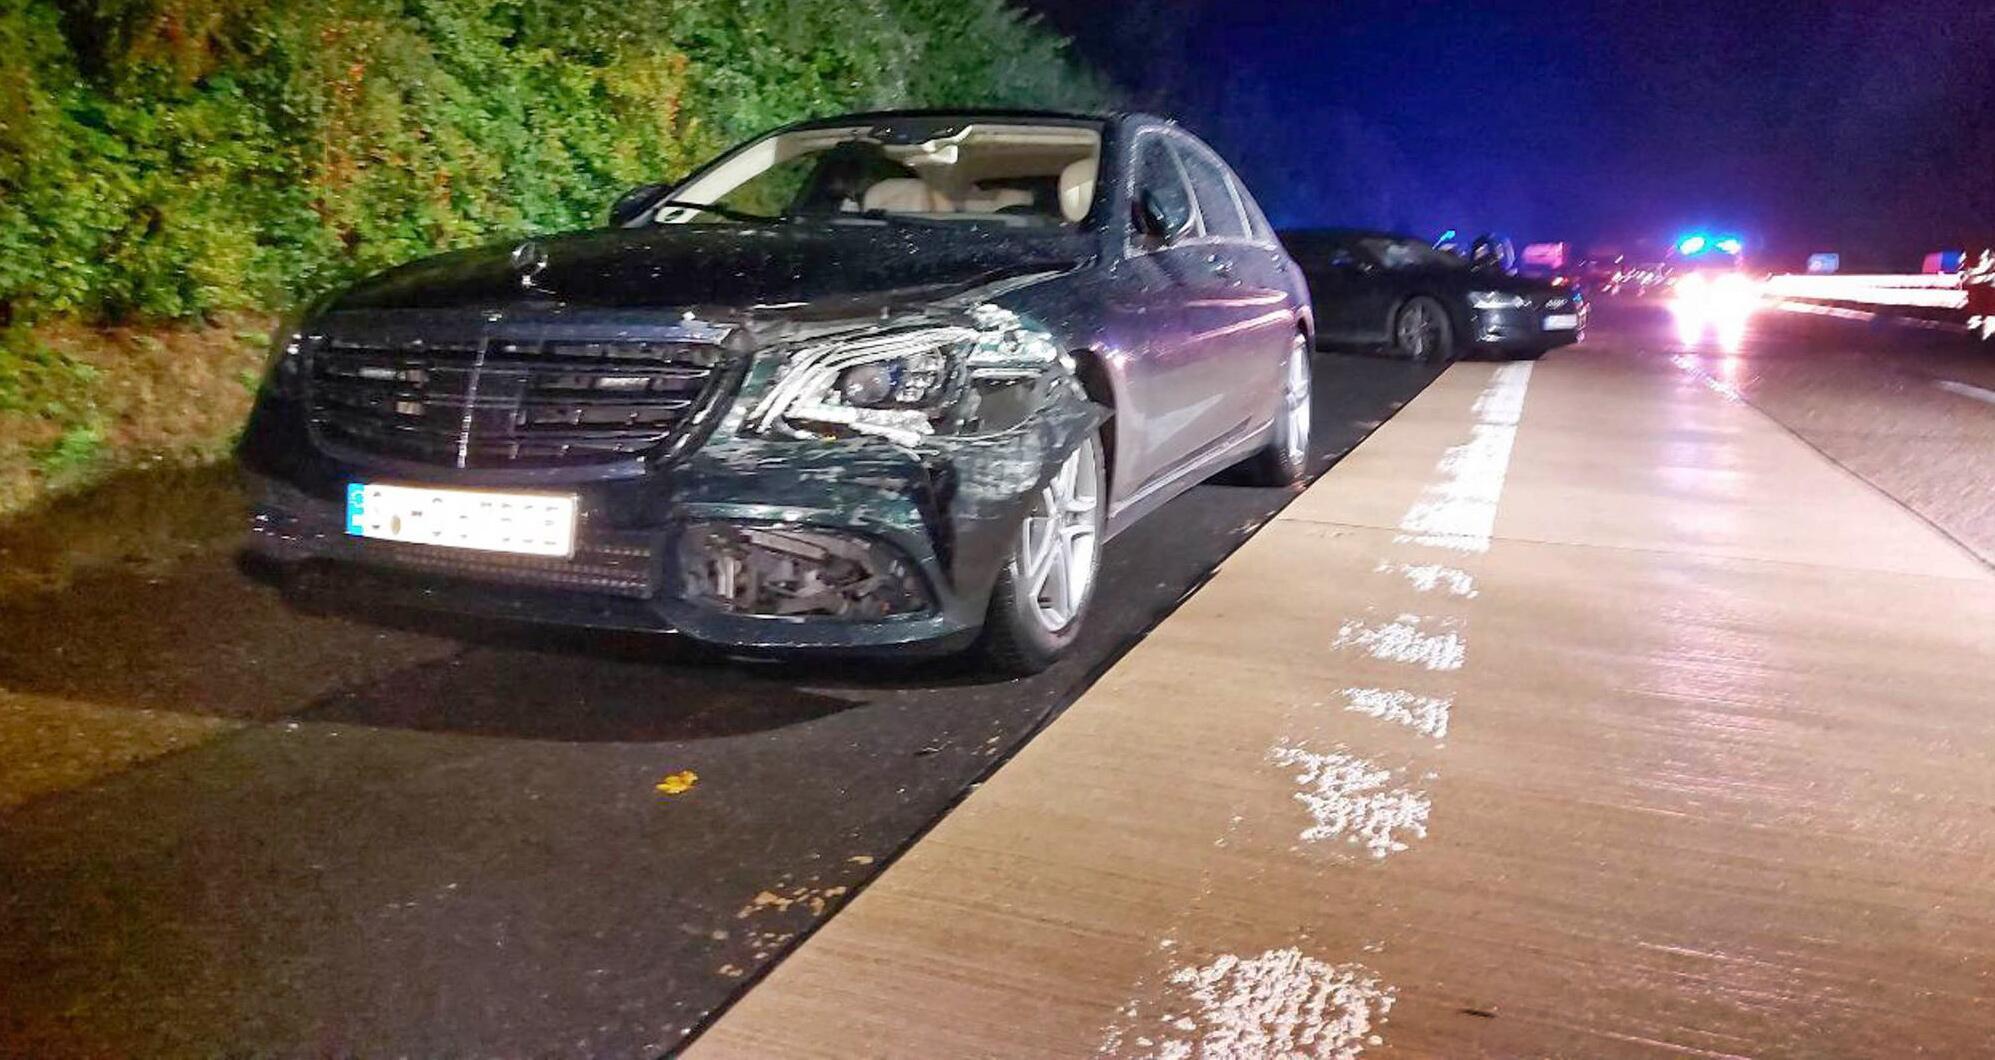 Bild zu Kretschmann in Autounfall verwickelt